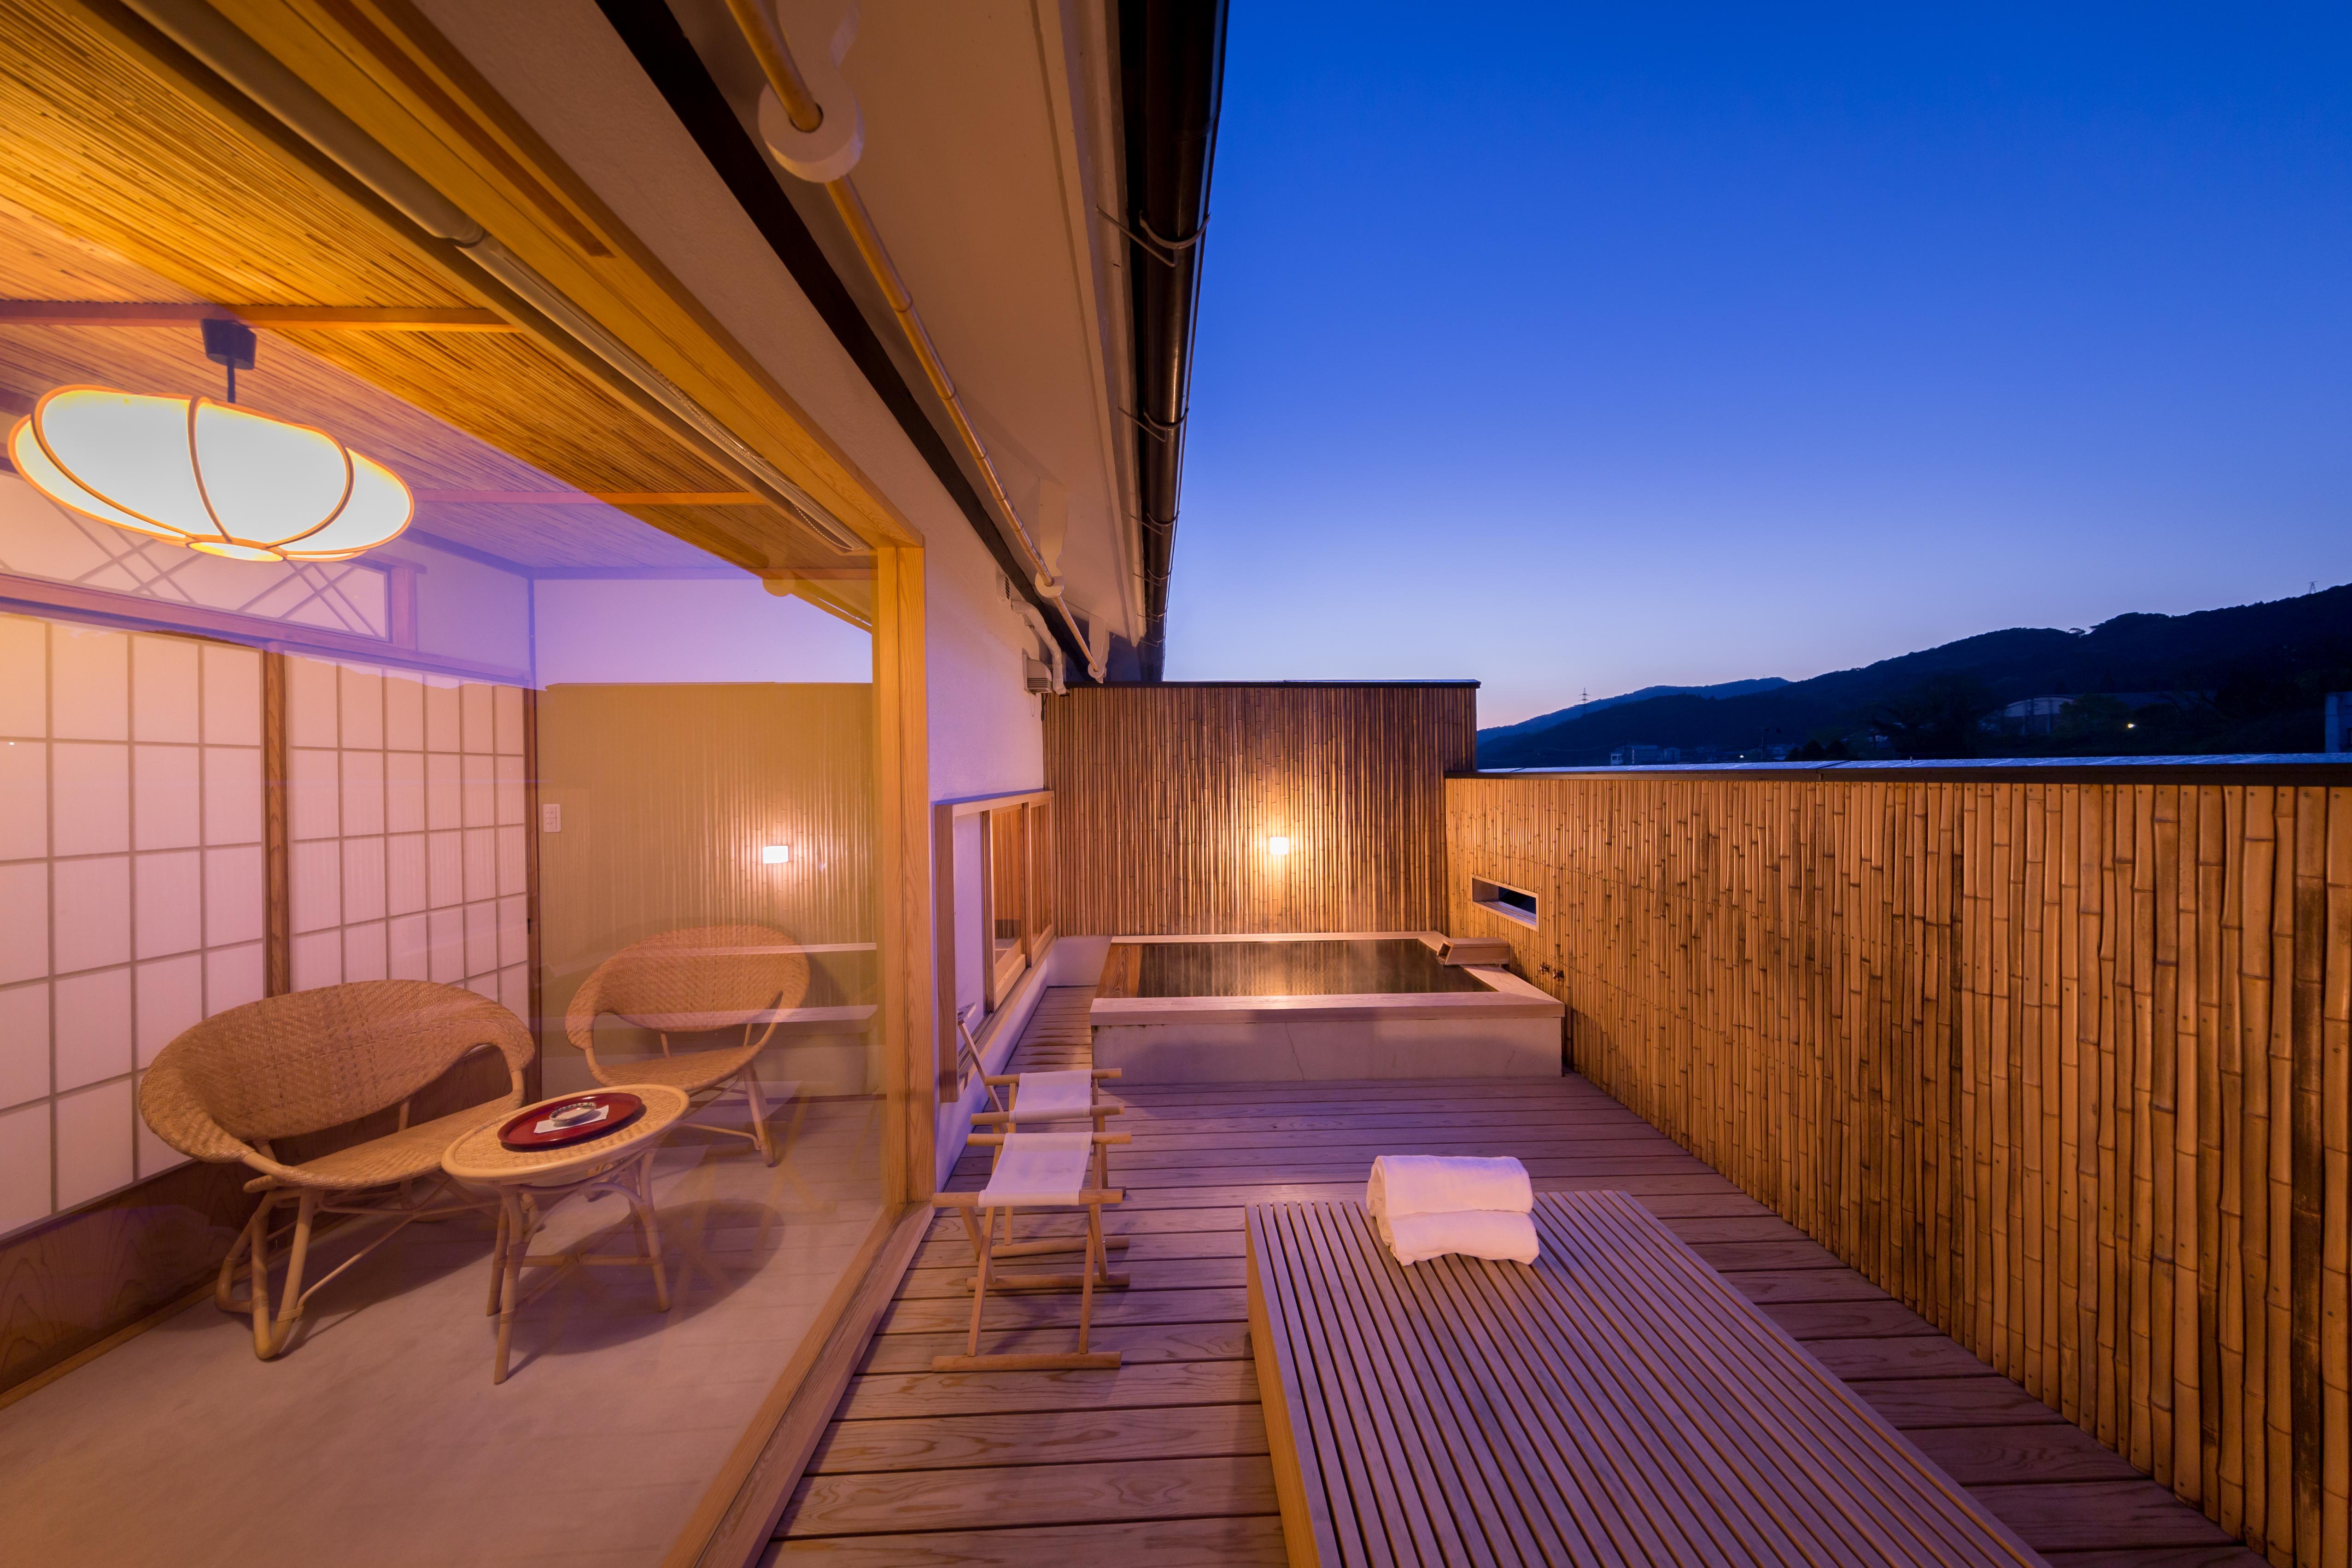 和多屋別荘で極上のおもてなしを!嬉野ならではの温泉や料理も!